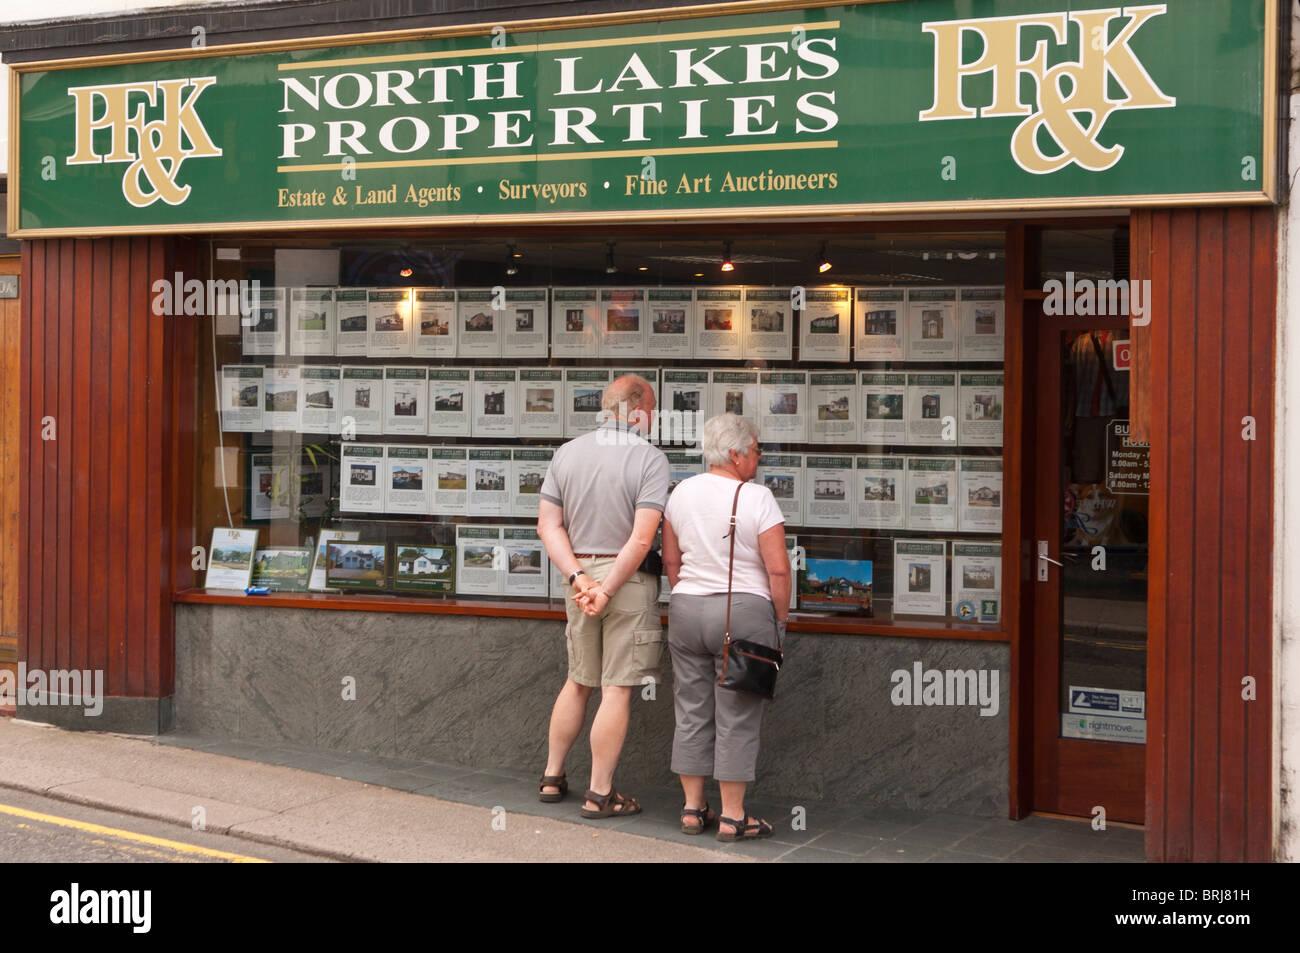 Ein paar der nördlichen Seen Eigenschaften Immobilienmakler Sichtfenster in Keswick, Cumbria, England, Großbritannien, Stockbild